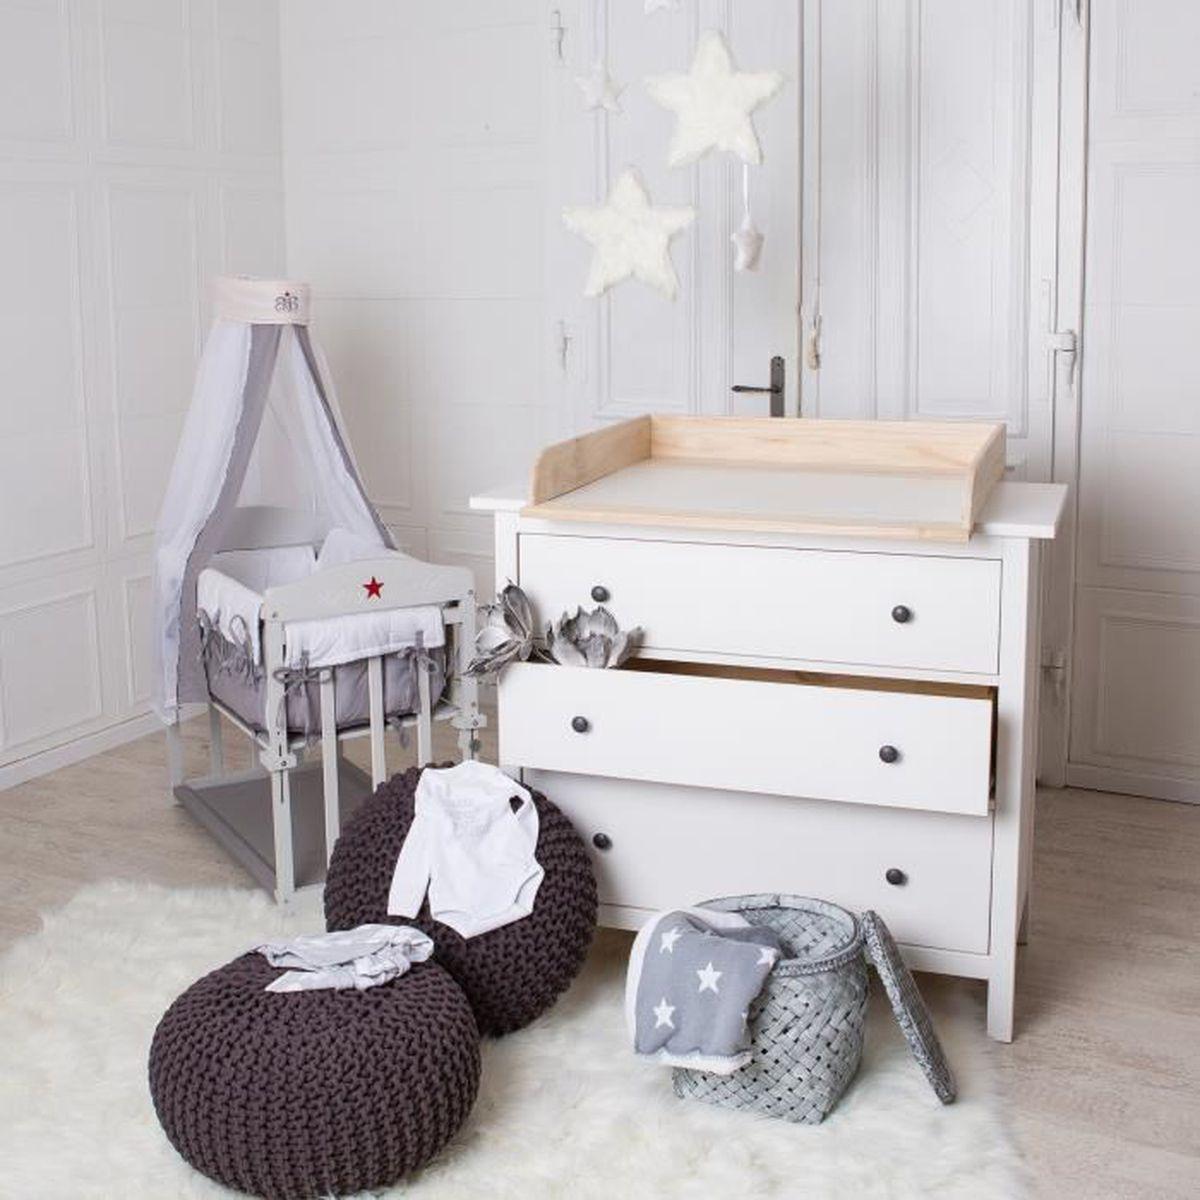 Table à Langer Fixation/Top pour commode IKEA Malm Le change ...